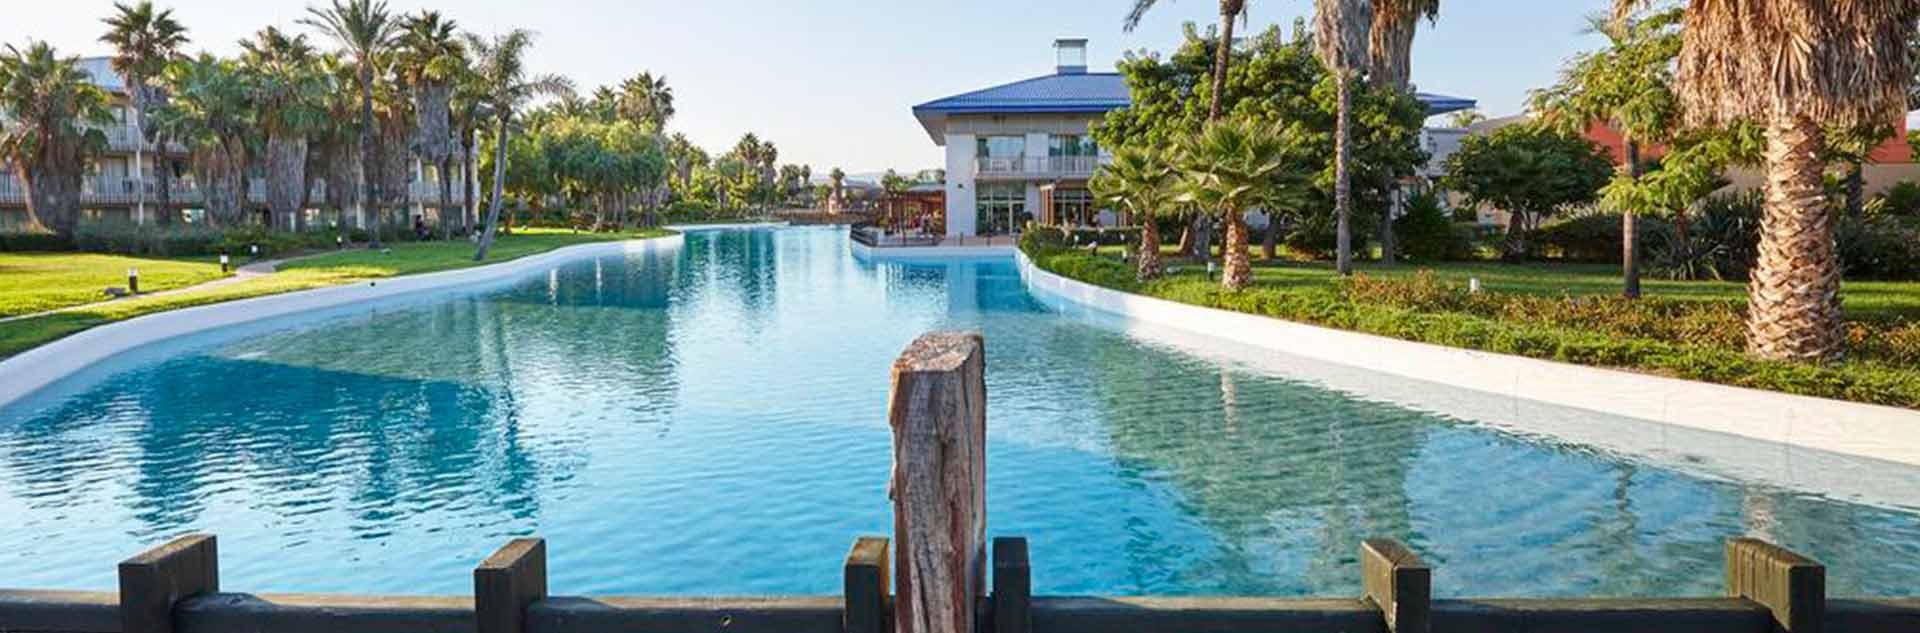 Vistas de Hotel Caribe 4* de Port Aventura